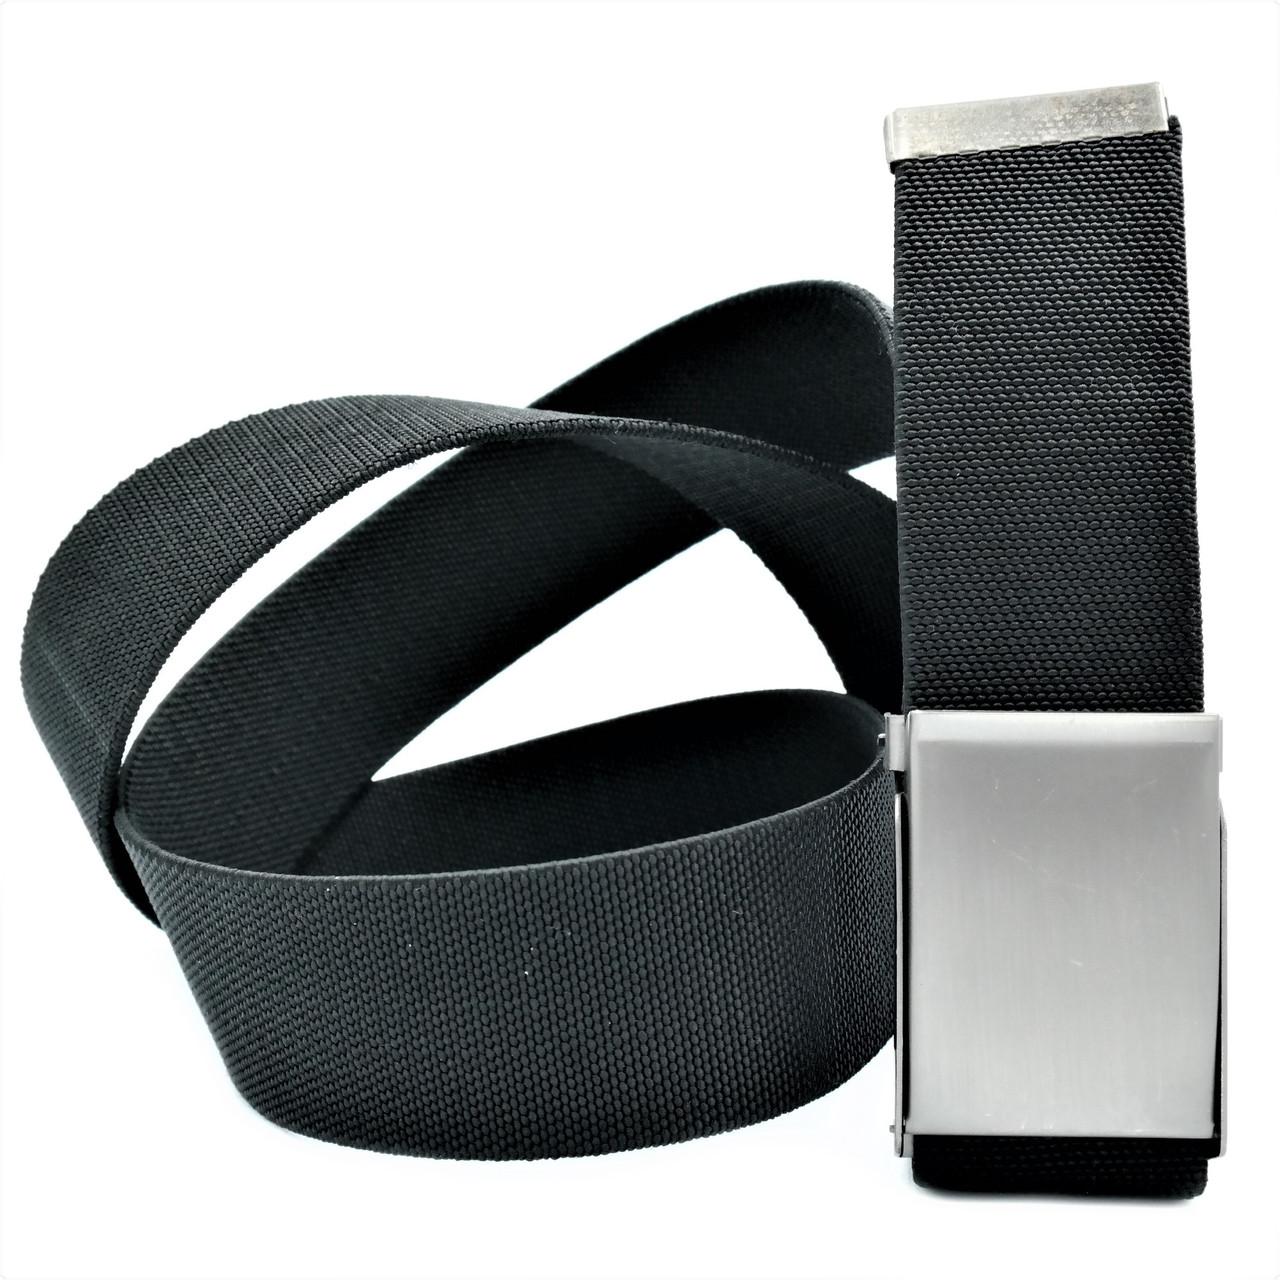 Универсальный ремень-резинка чёрный Ремень резинка стильный Ремень поясной плетенка резинка